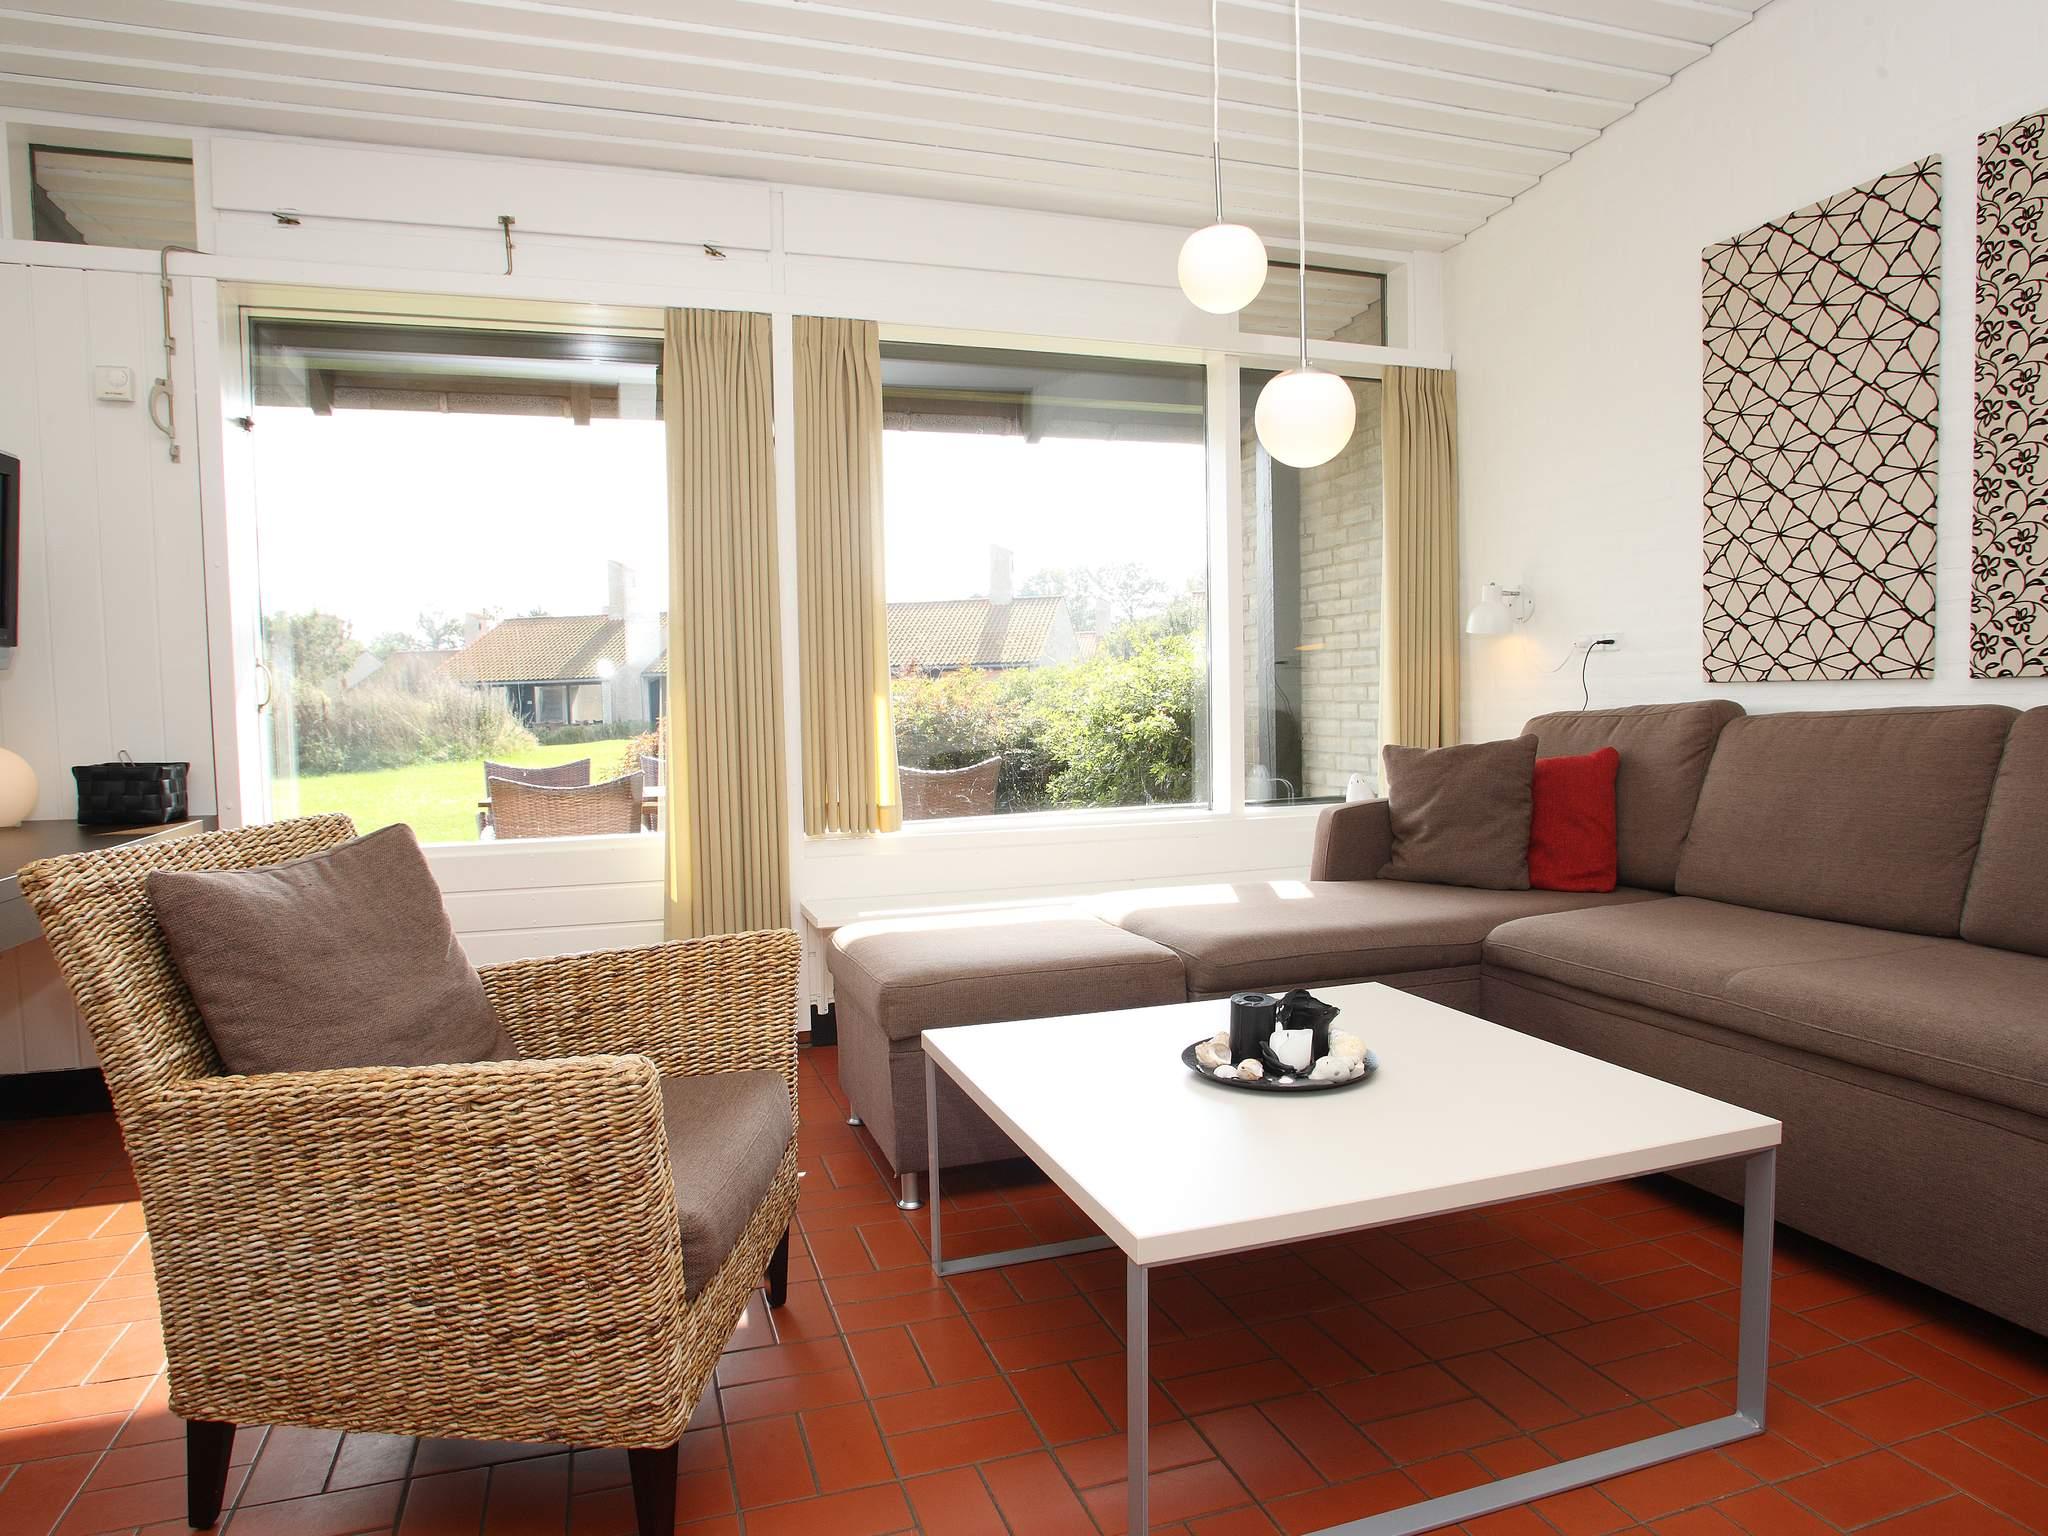 Ferienwohnung Sæby - Typ 4 - 3 Zimmer,2 Bade Ferienwohnung